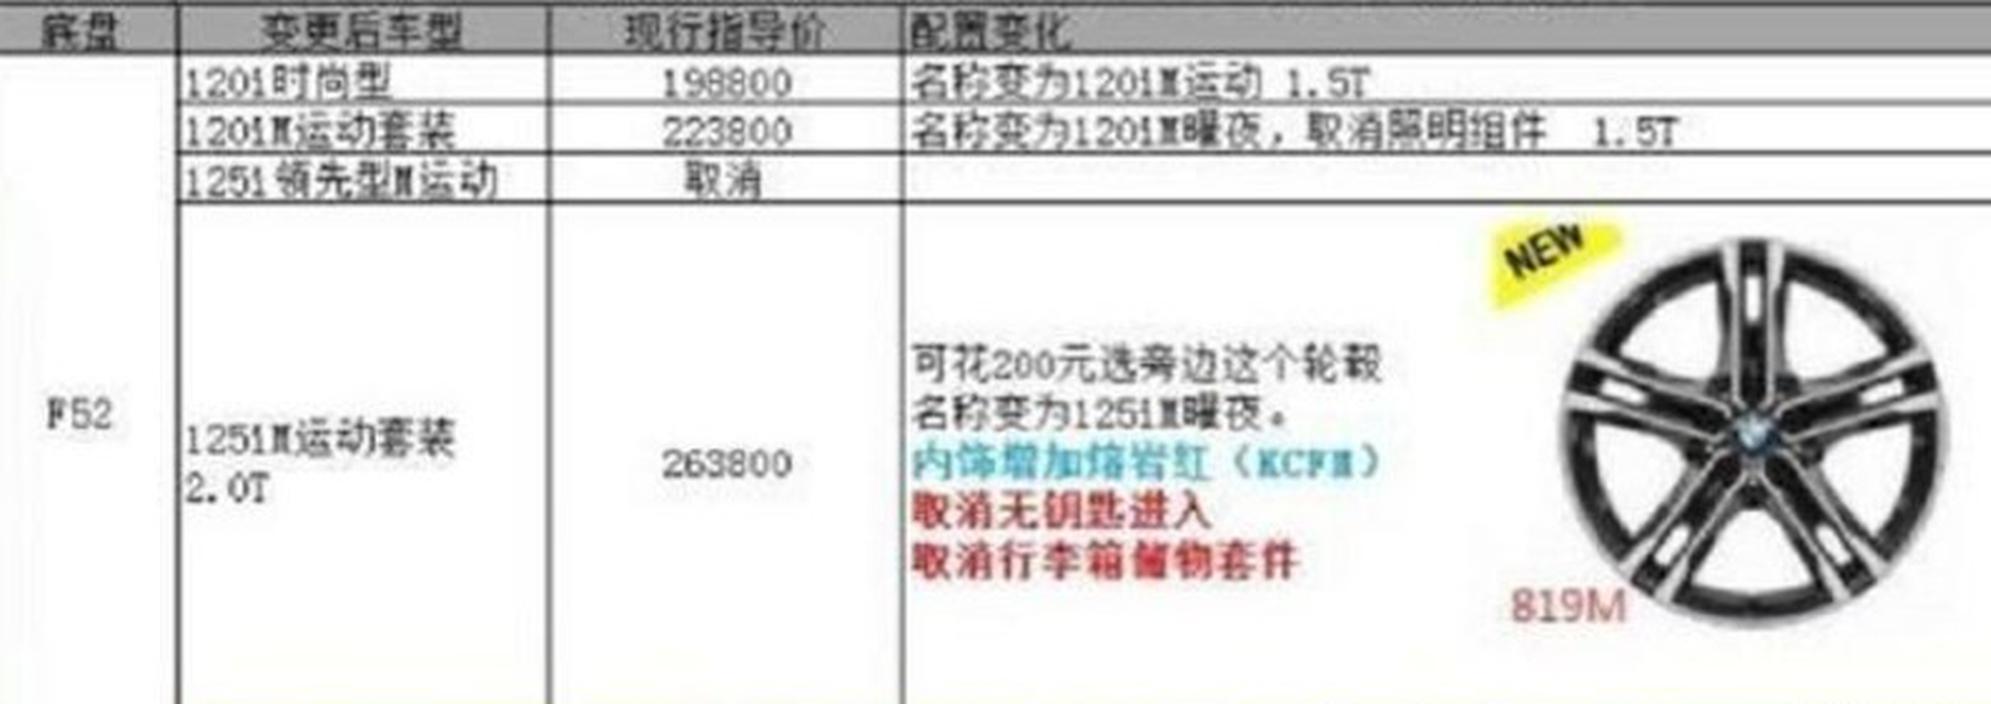 宝马2020北京车展阵容公布 9款新车首发